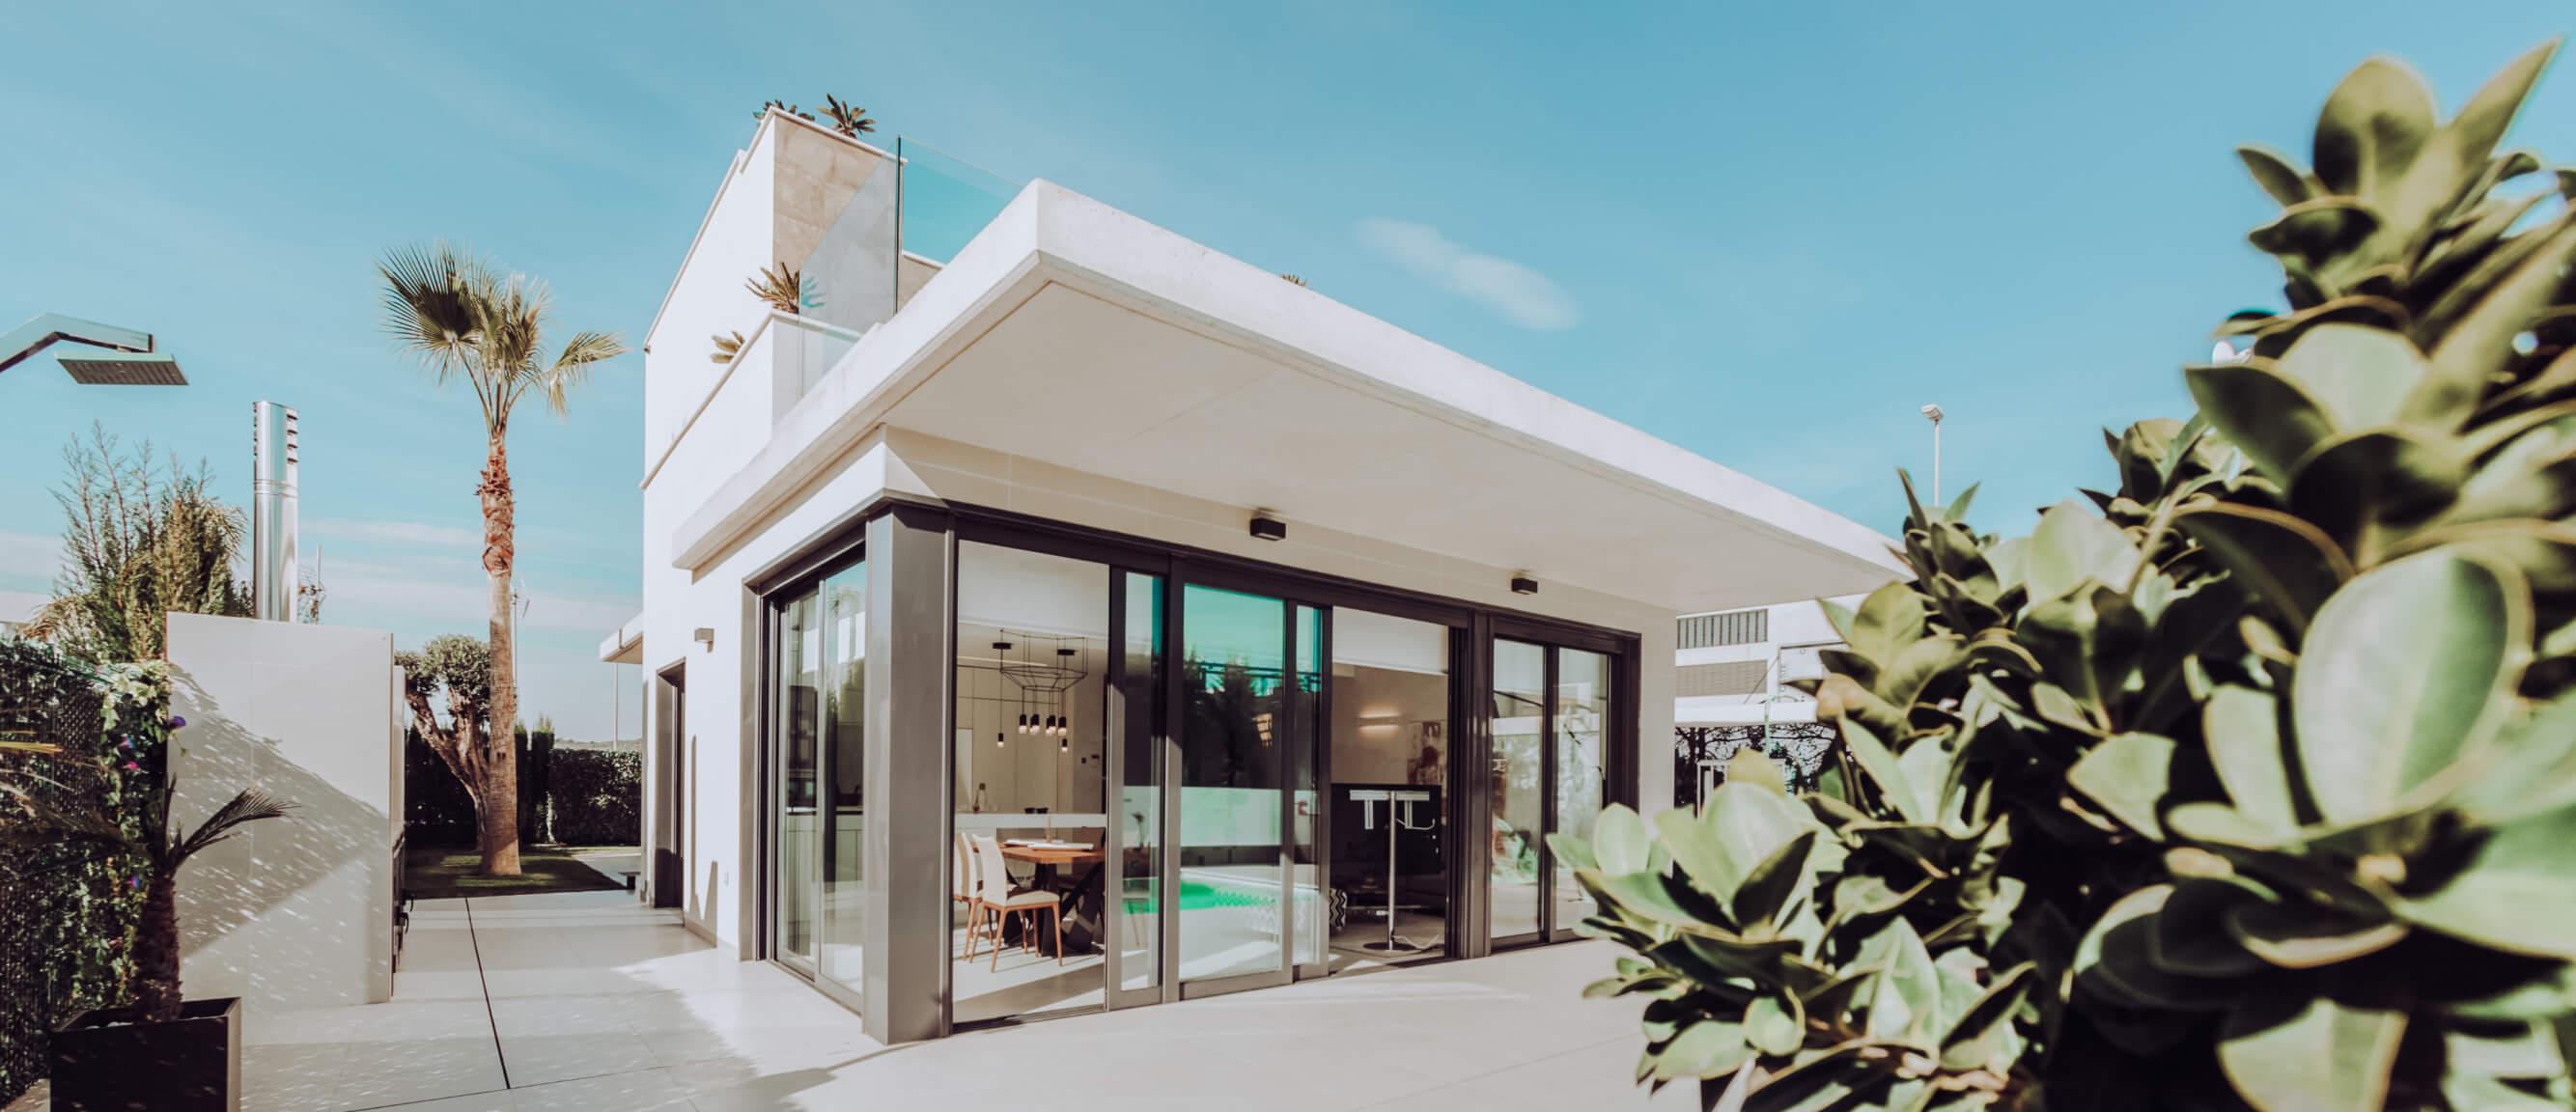 Gran casa blanca con ventanas corredizas oscuras y una piscina.